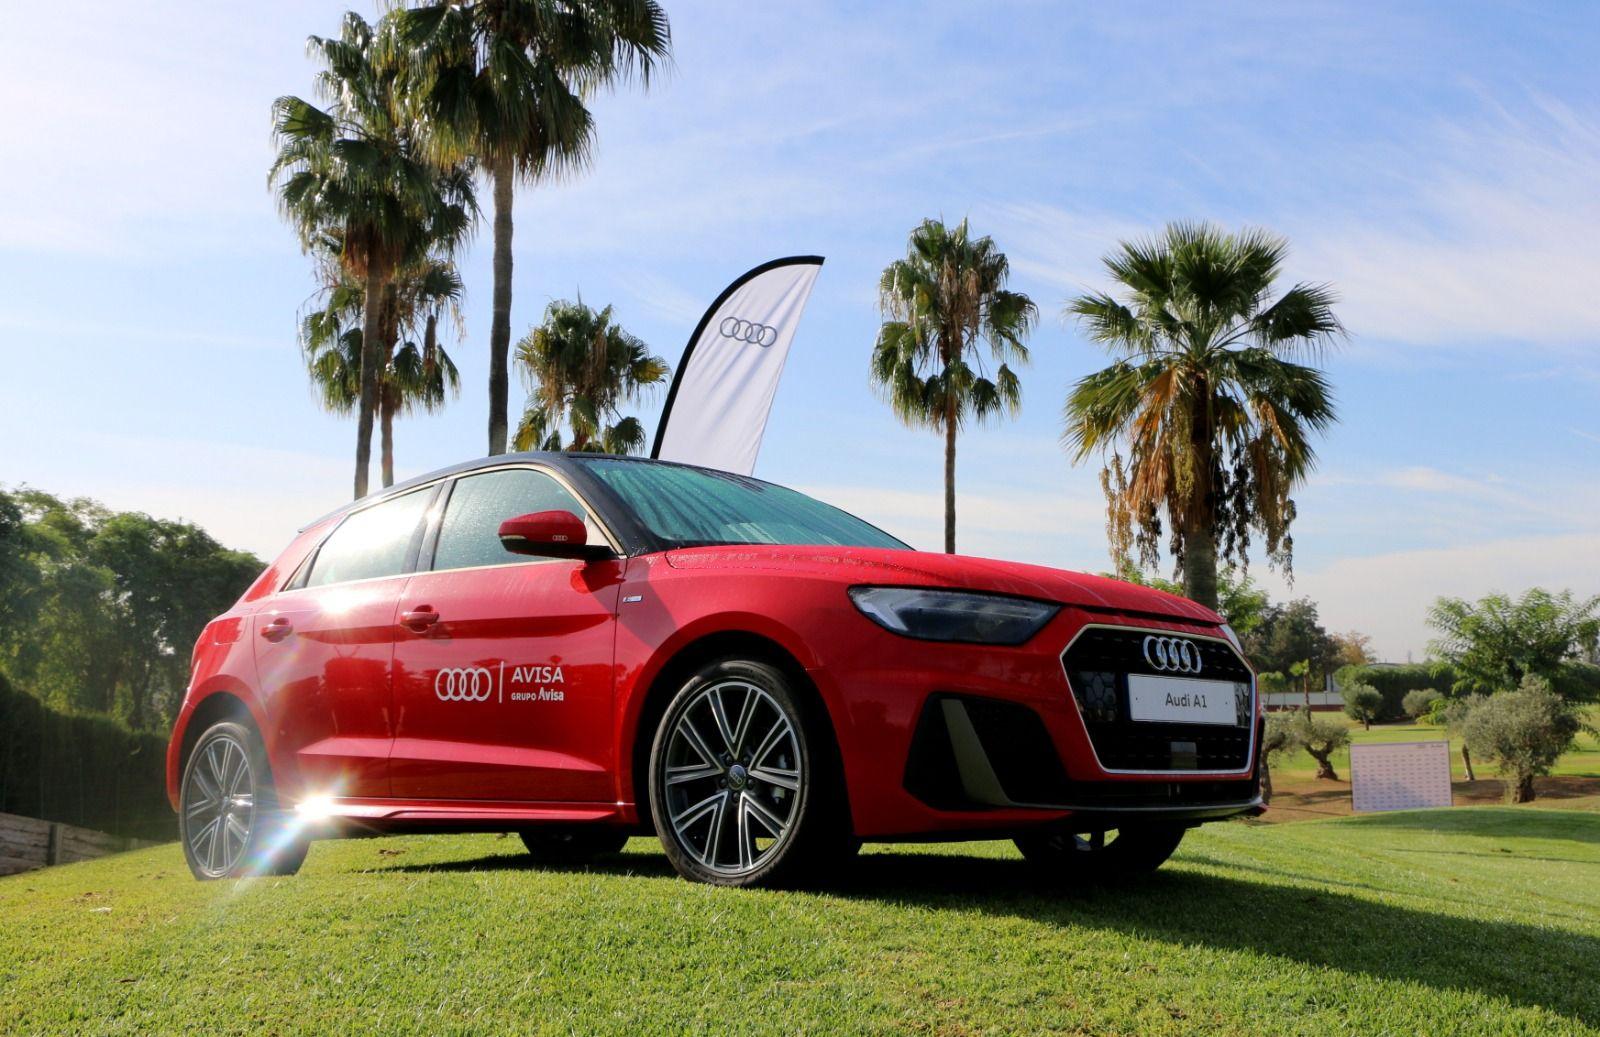 Avisa Audi patrocinador oficial de Andalucía Golf Tour